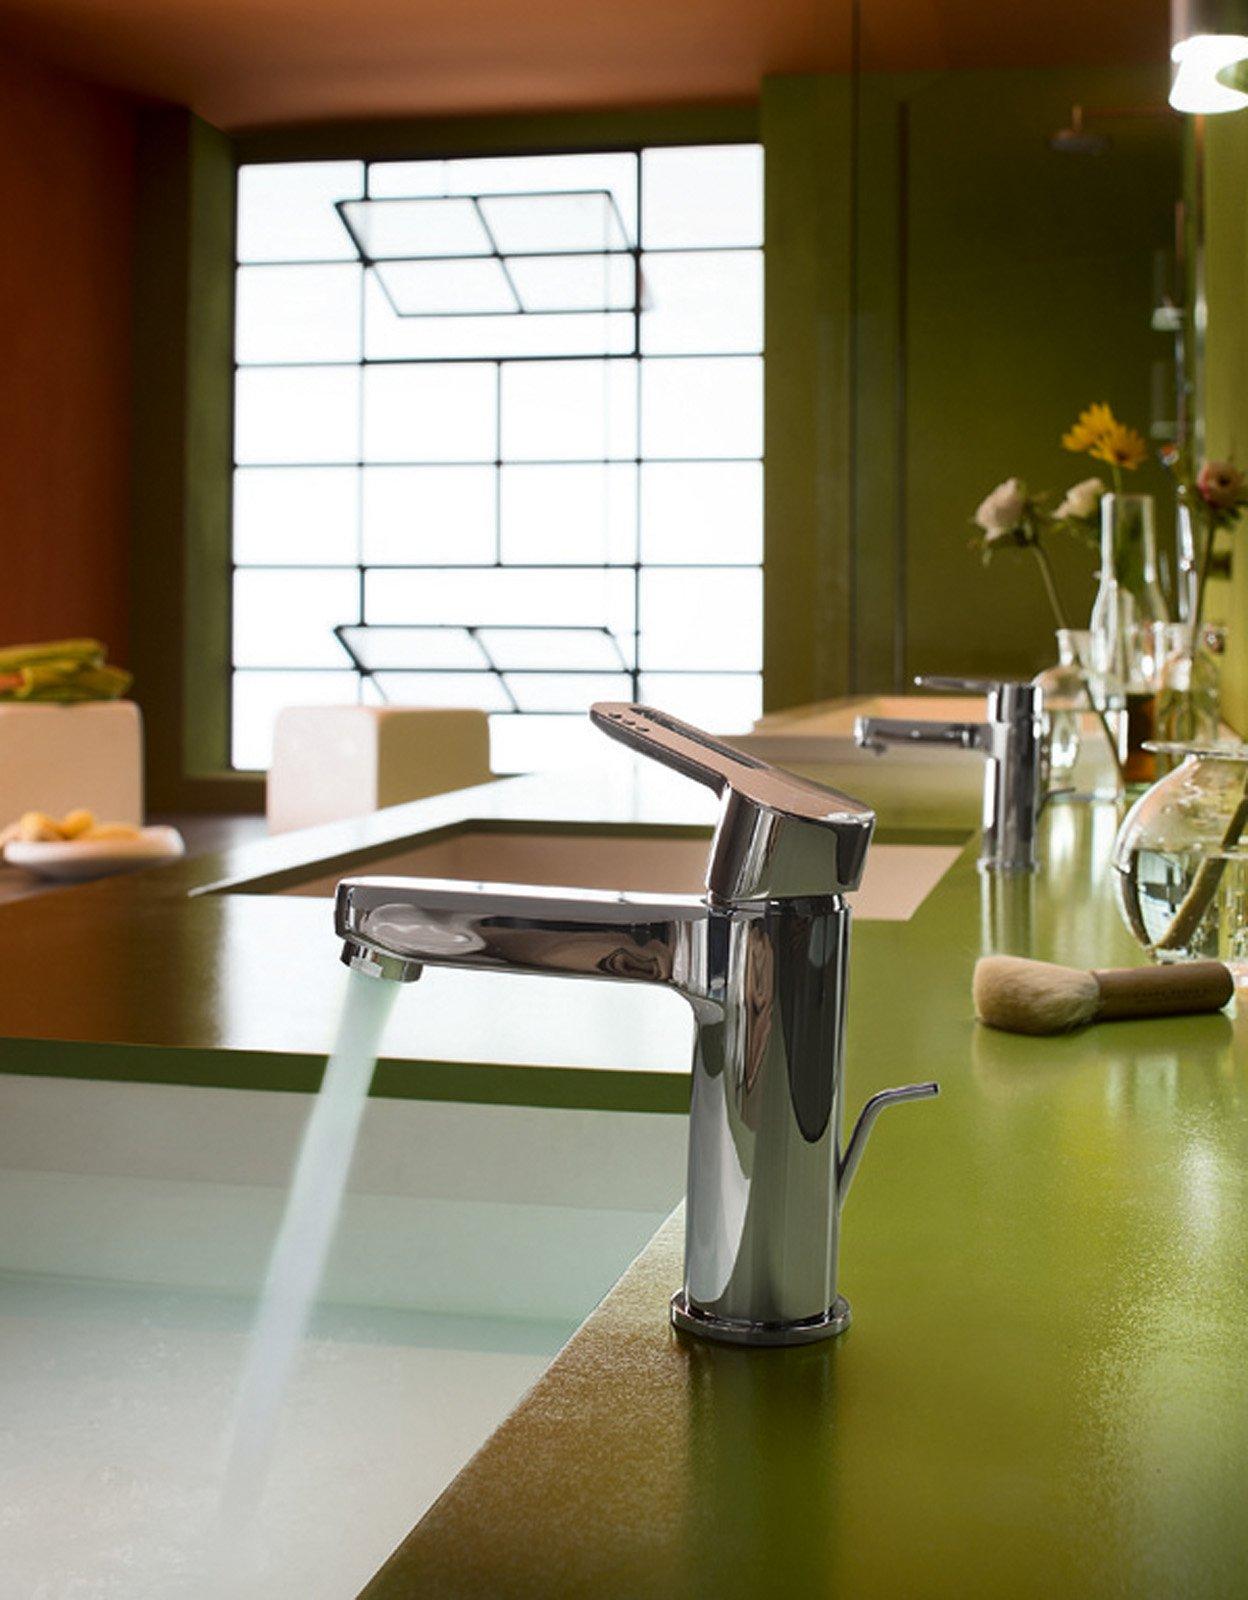 Risparmiare acqua ecco i rubinetti giusti cose di casa - Nobili rubinetterie bagno ...